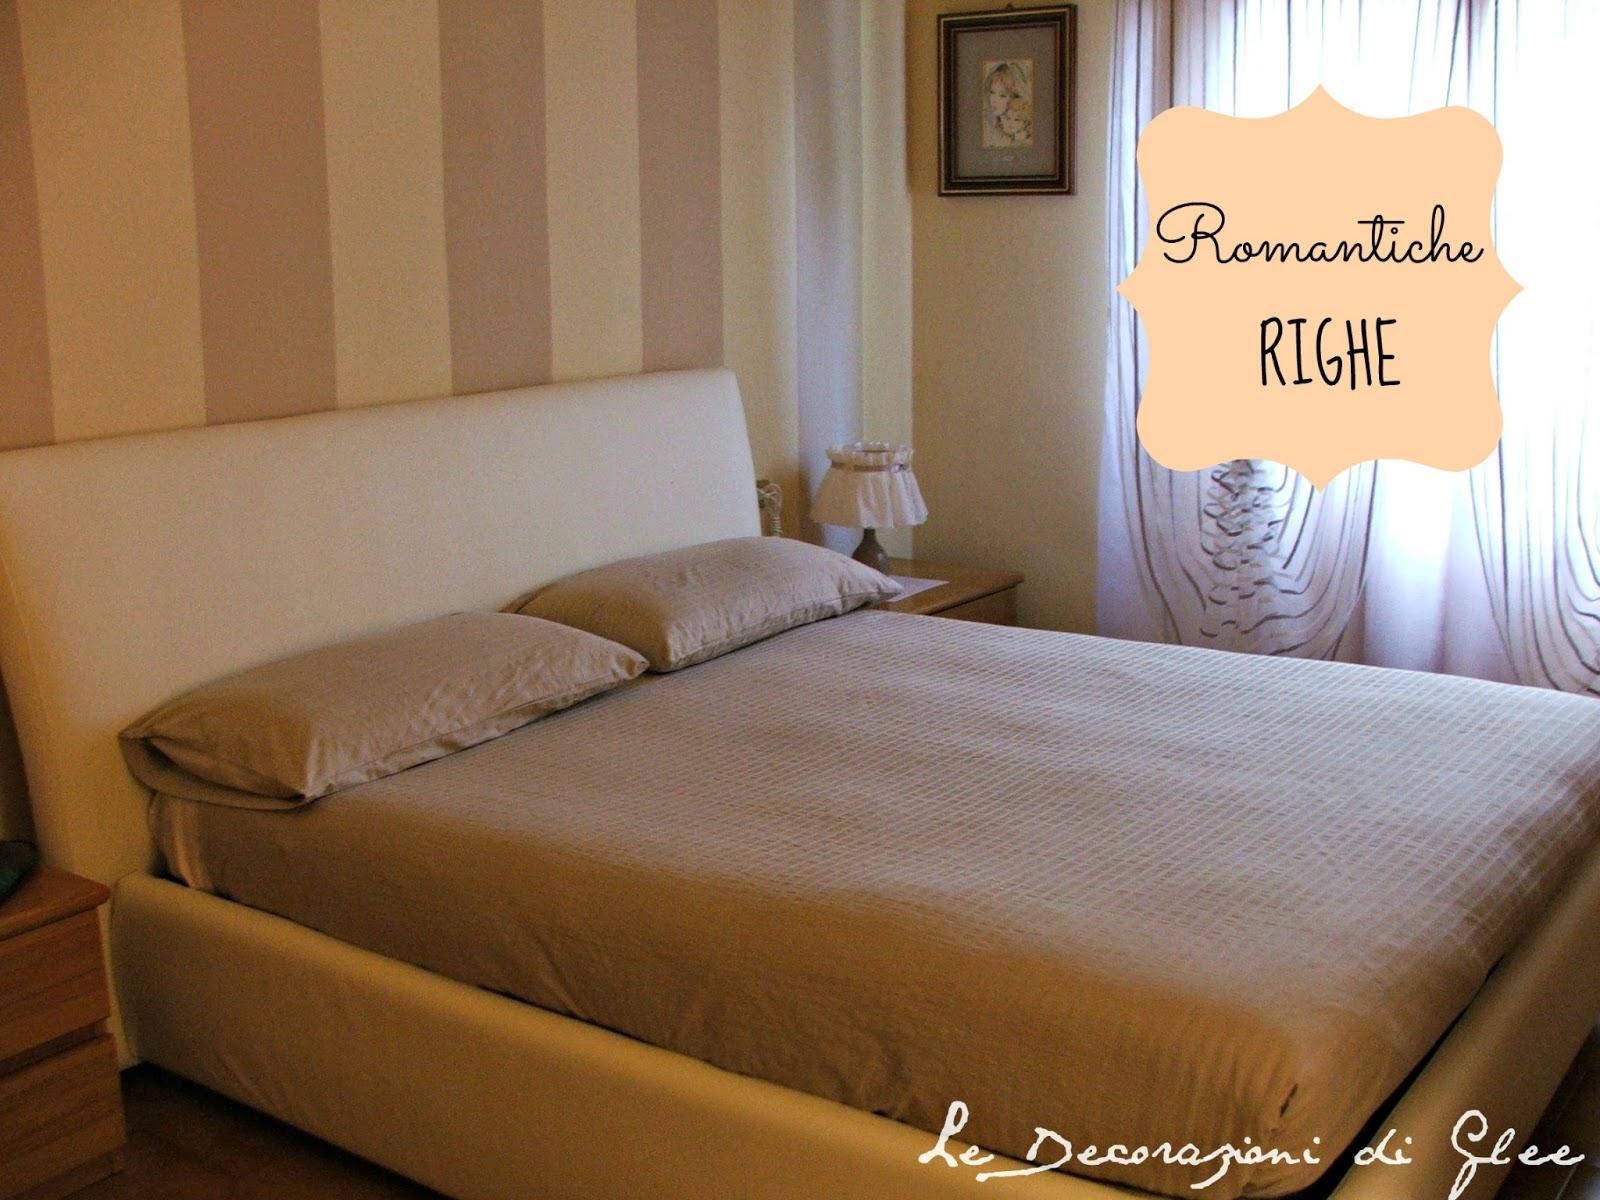 Idee per imbiancare camera da letto gz15 regardsdefemmes - Idee camera da letto pareti ...